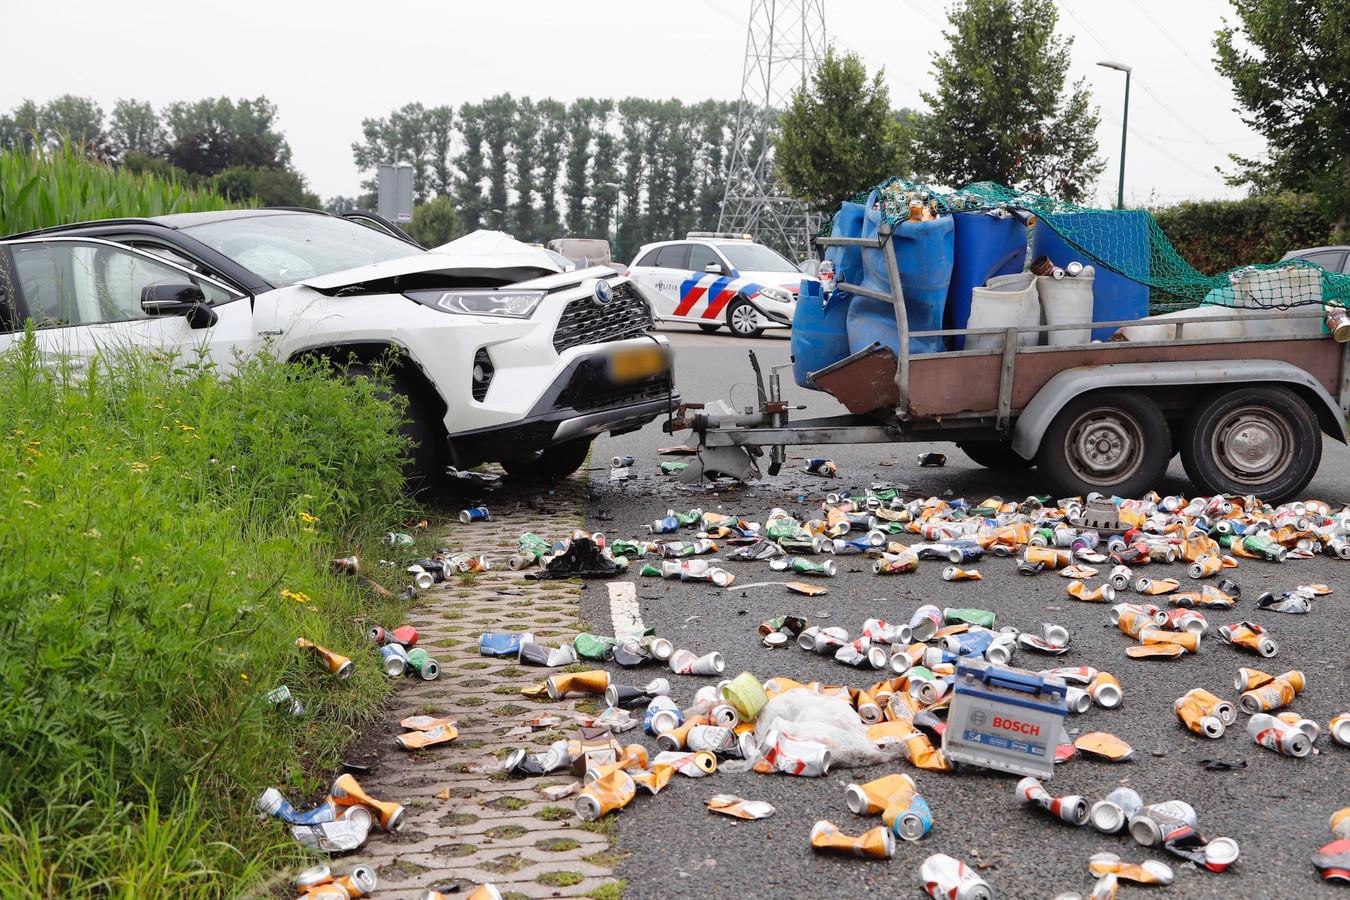 De weg ligt bezaaid met bierblikjes, doordat een losgeraakte aanhanger in Stevensbeek op een tegenligger botste.